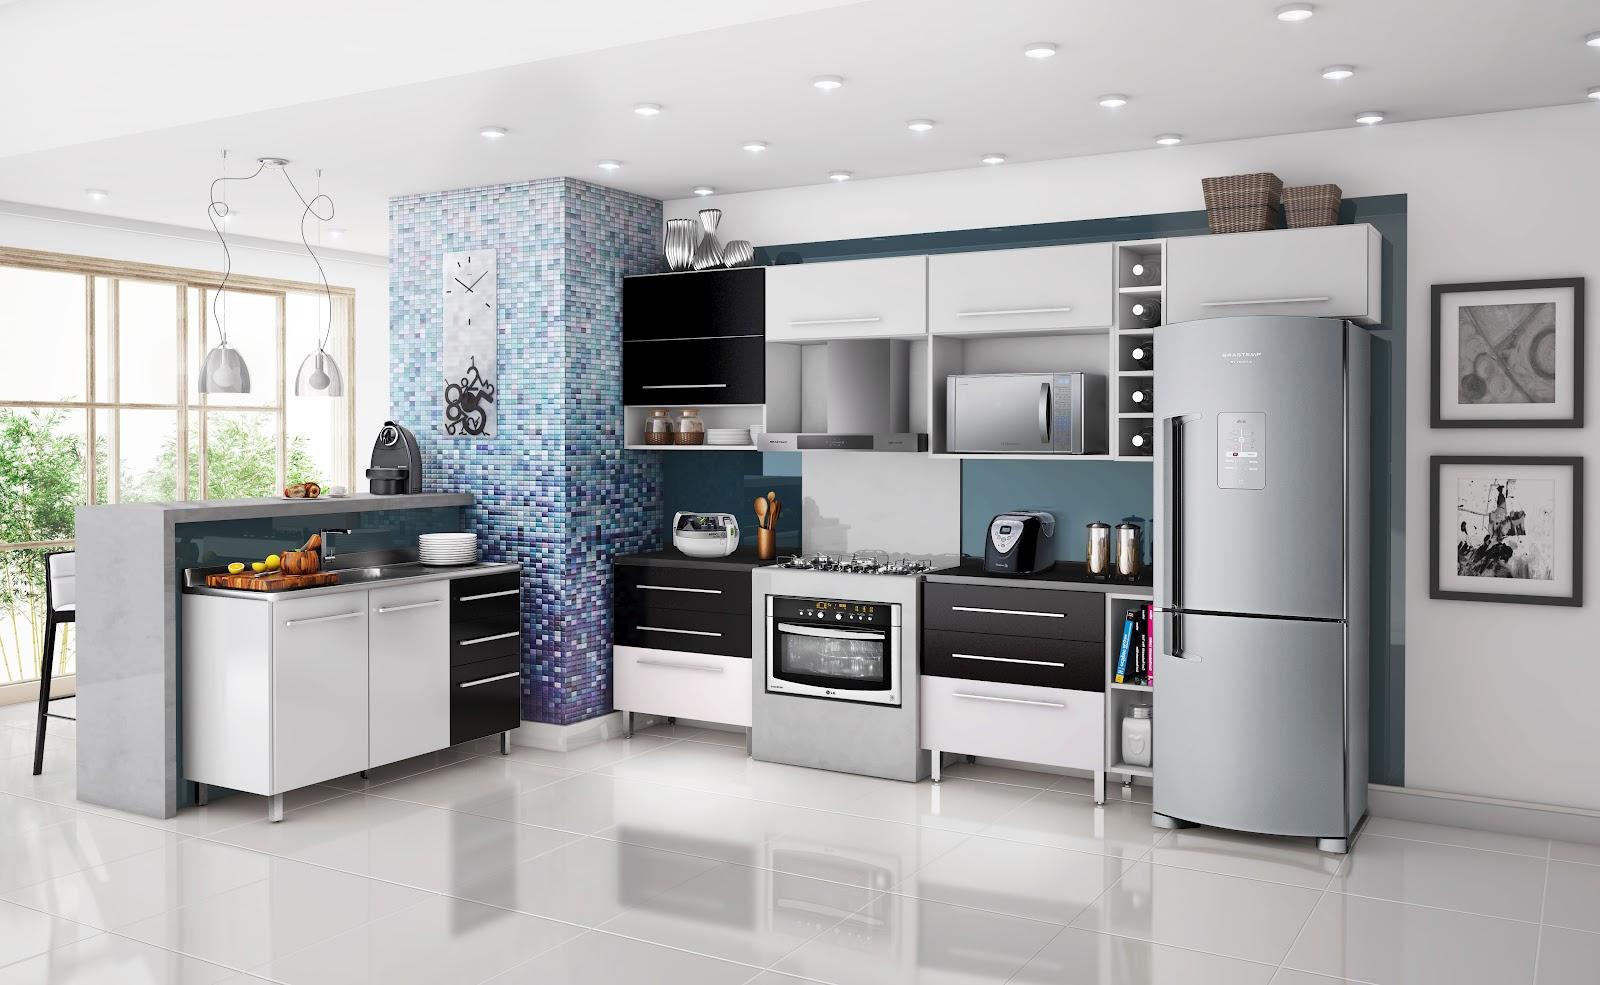 Armarios de cozinha casas bahia : Wibamp armario de cozinha preto e branco nas casas